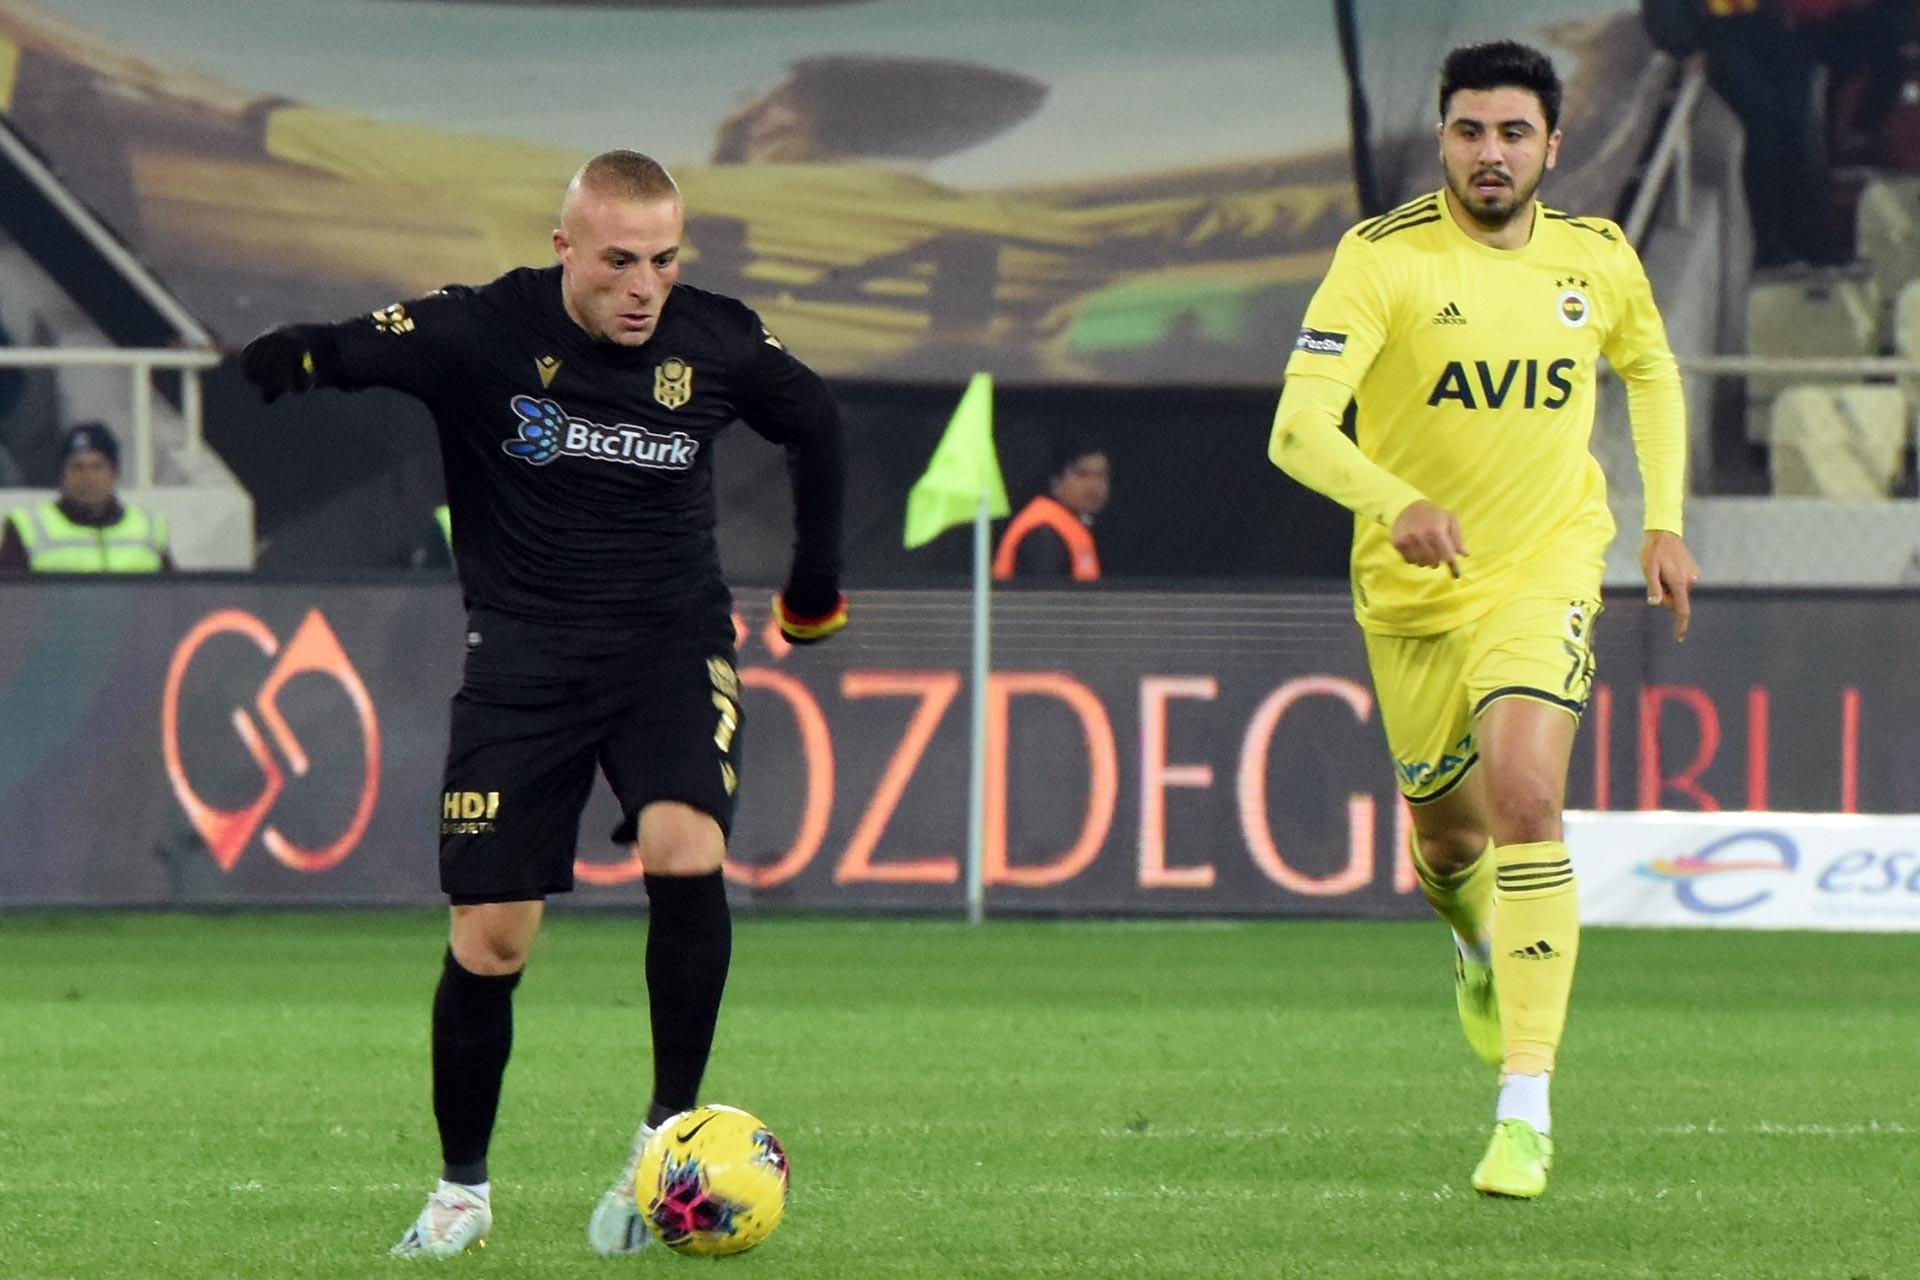 Yeni Malatyasporlu futbolcu Gökhan Töre ile Fenerbahçeli futbolcu Ozan Tufan maçta mücadele ederken